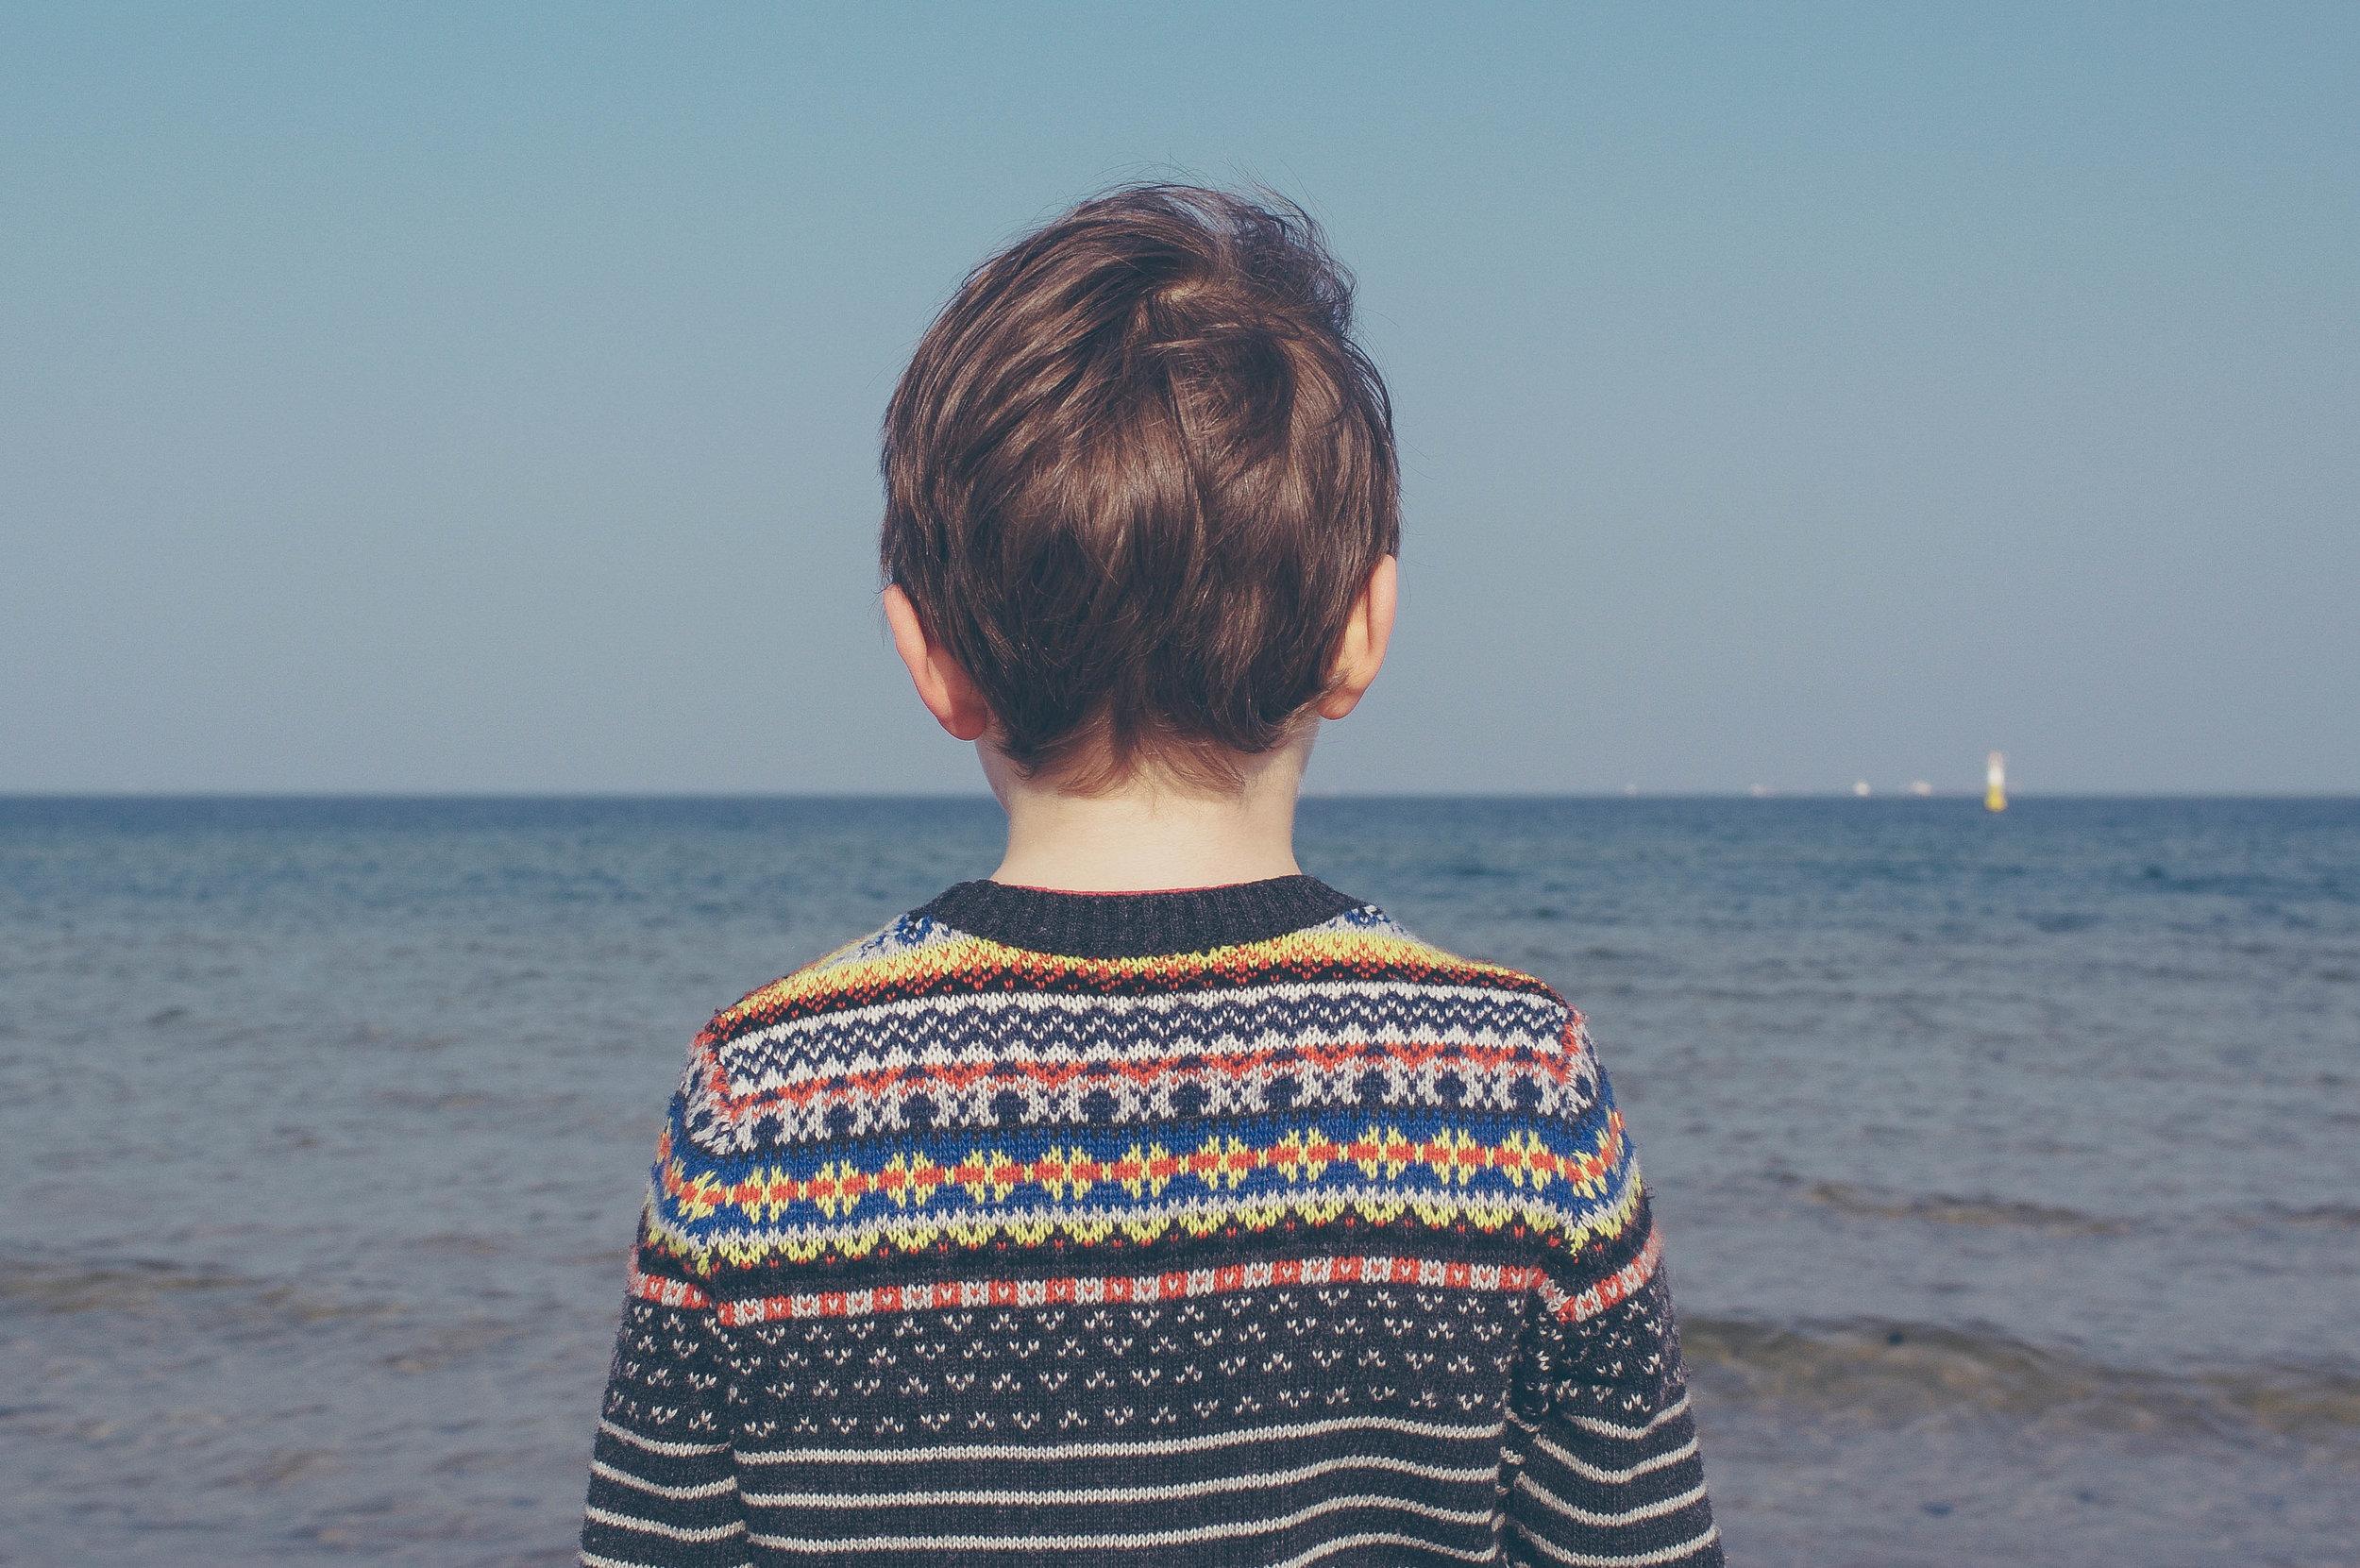 El A.S.I. - ¿Qué es el abuso sexual infantil? ¿Cuáles son los efectos? ¿Cómo ayudarle a una víctima de ASI?